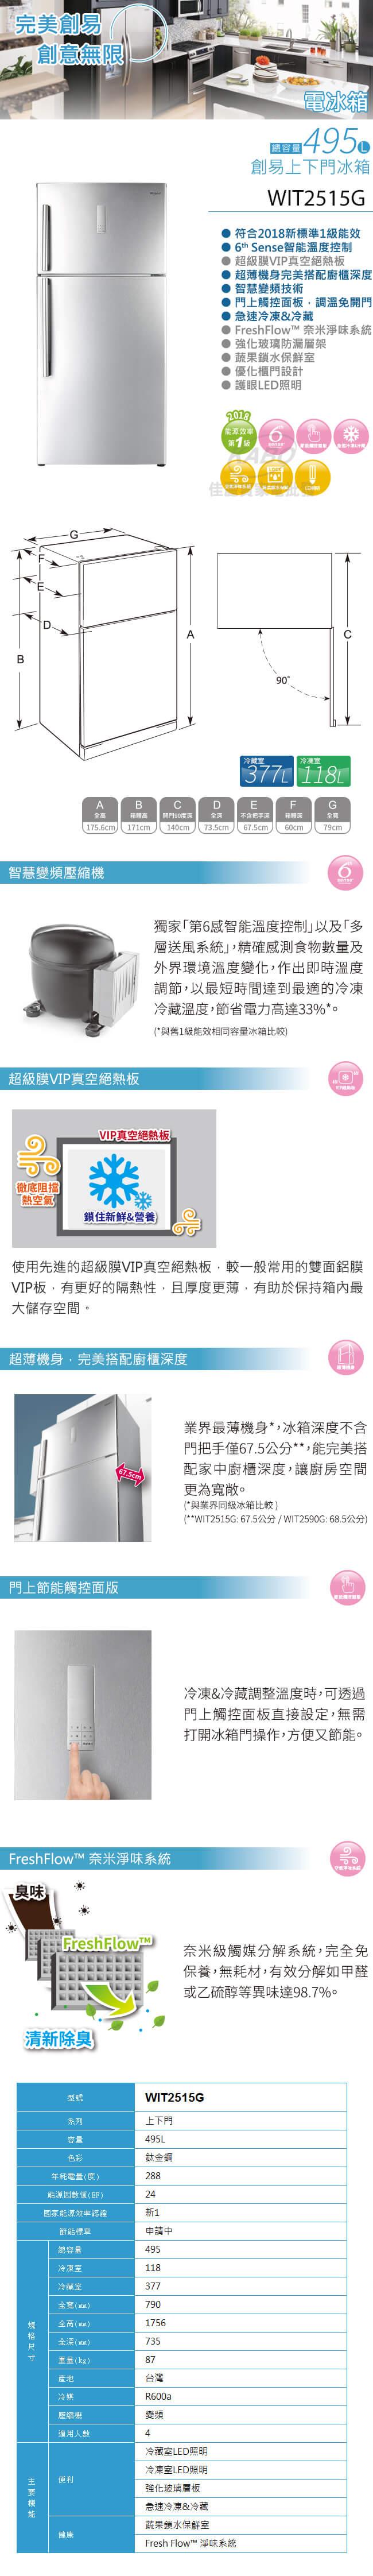 【送禮酒推薦】 【佳麗寶】-(Whirlpool 惠而浦)495L 上下門冰箱 WIT2515G